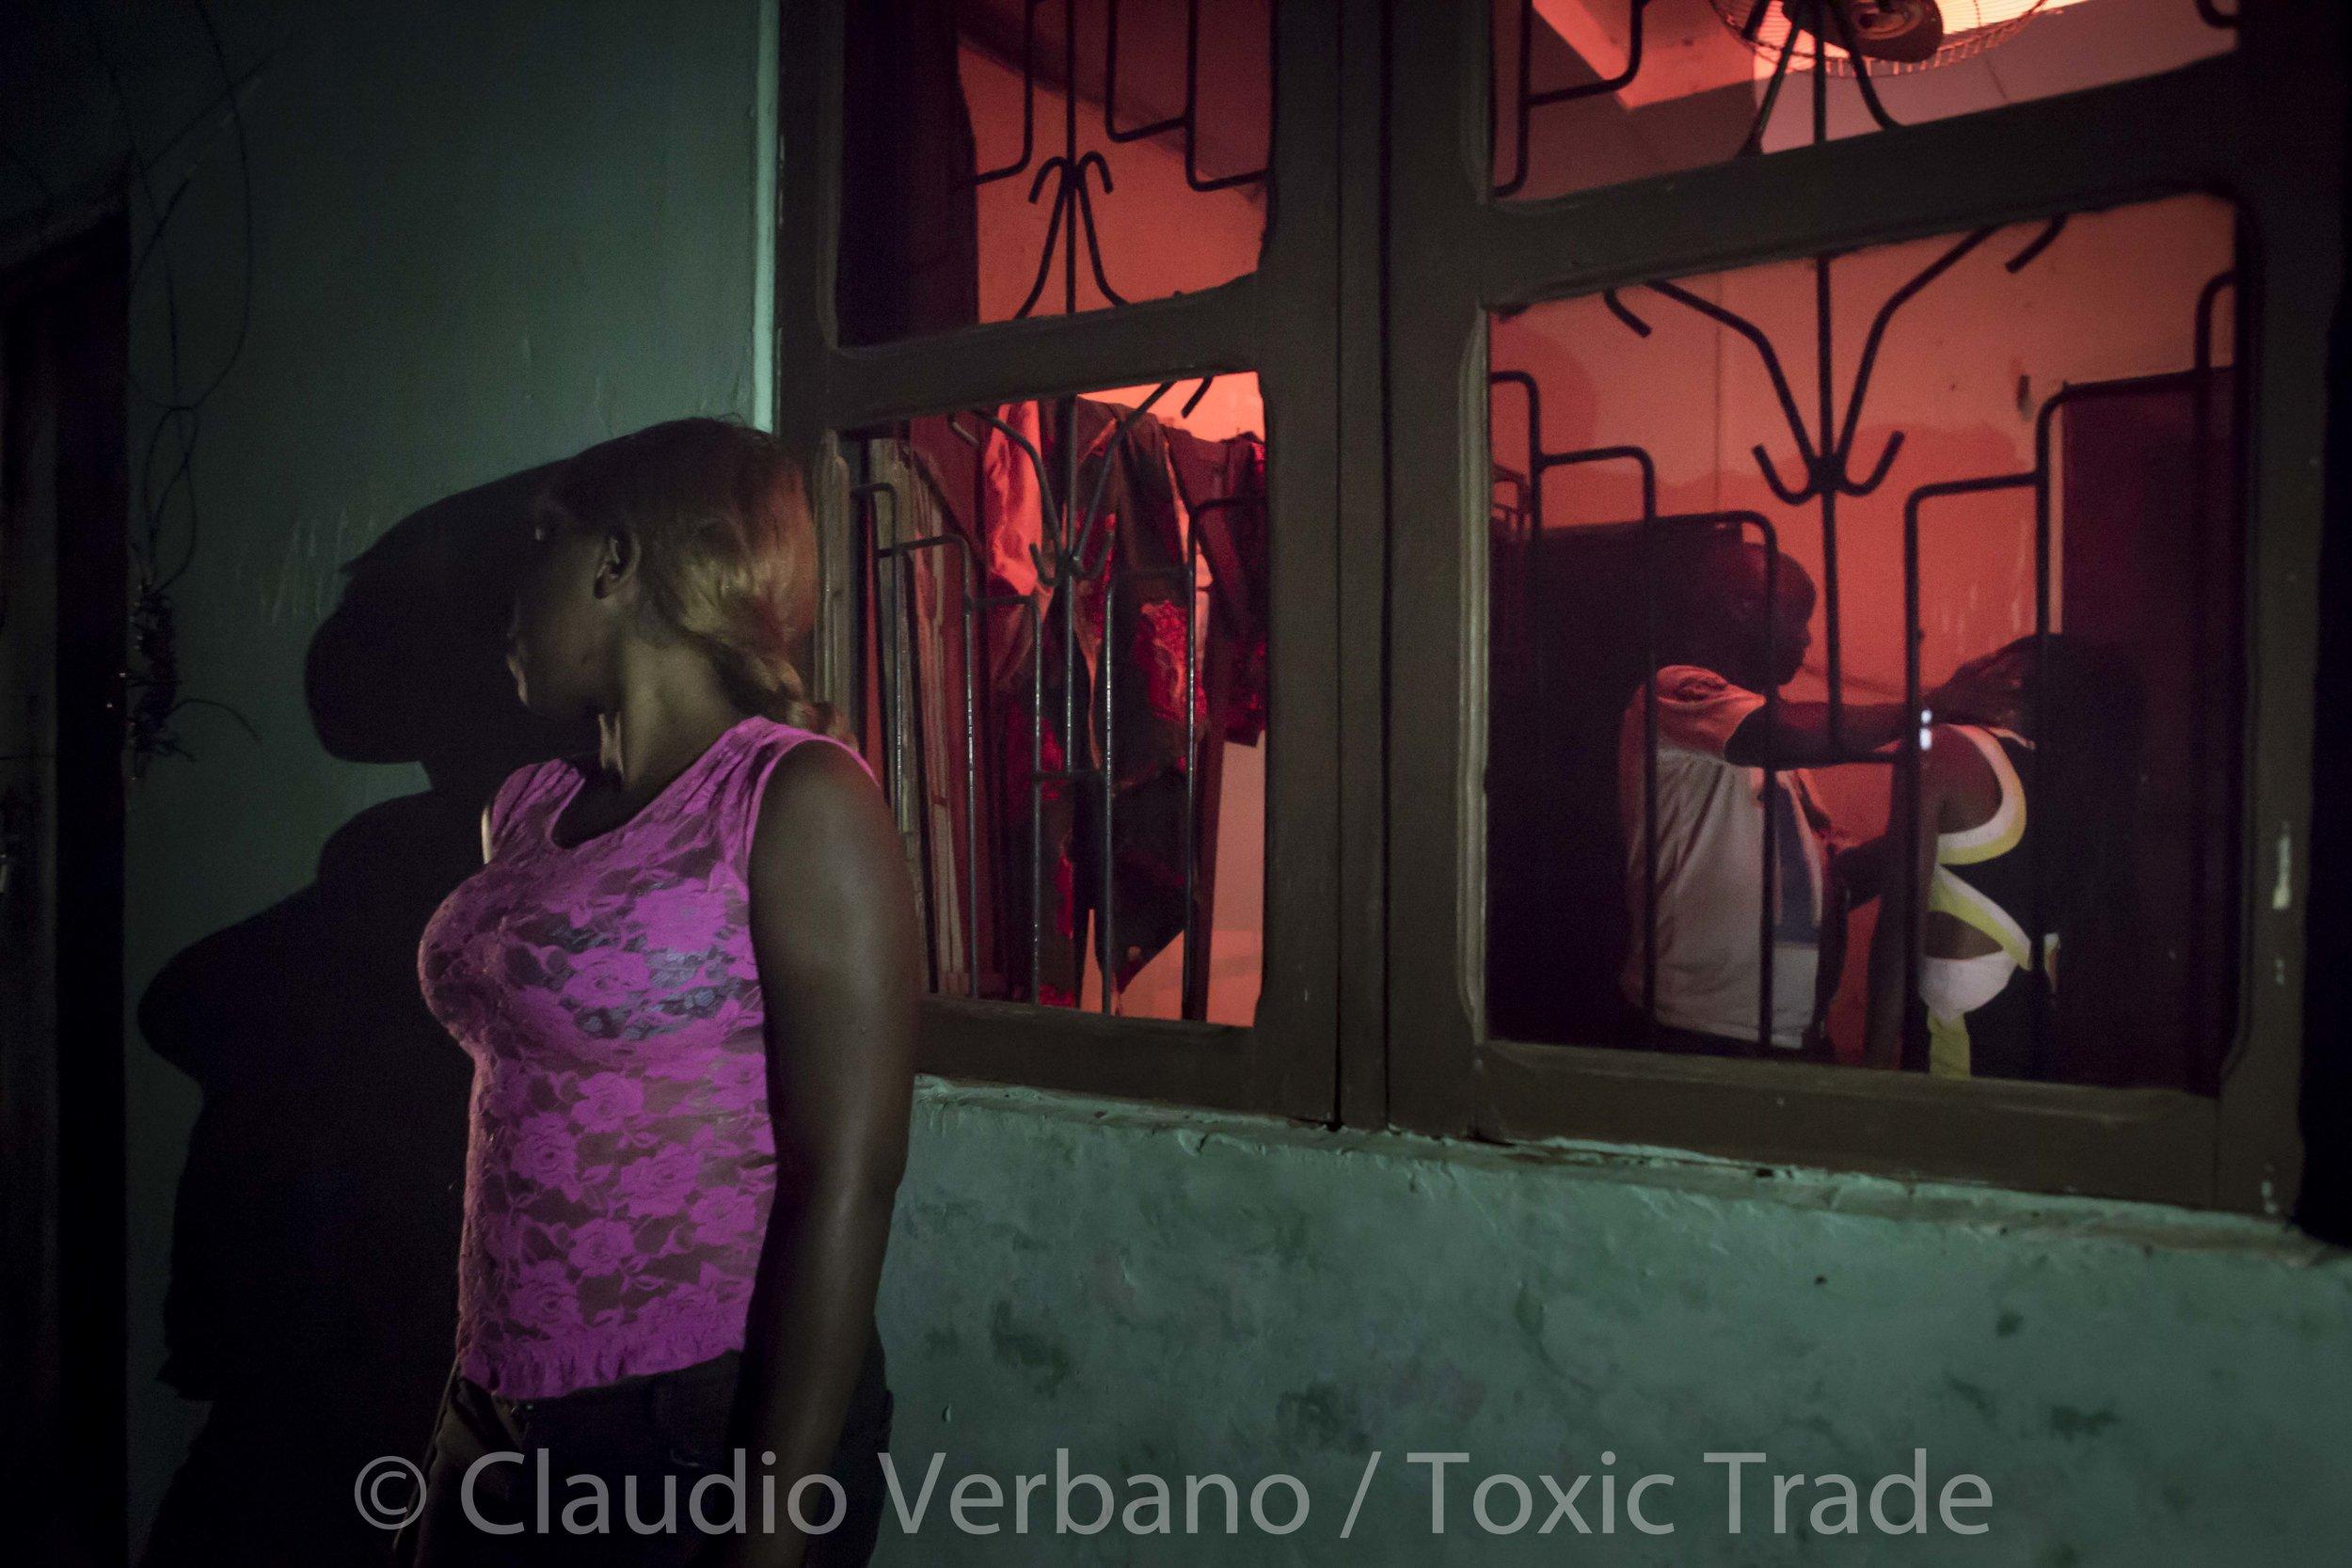 ClaudioVerbano_ToxicTrade_web_31.jpg